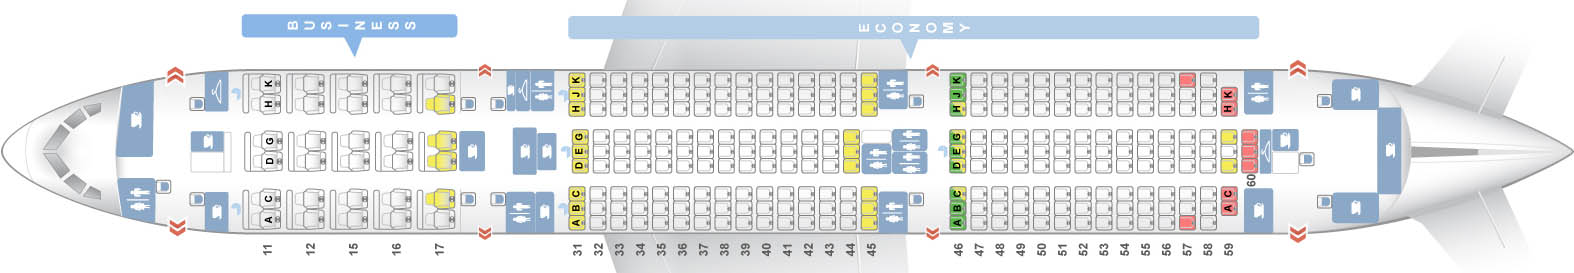 boing 787 shema salona